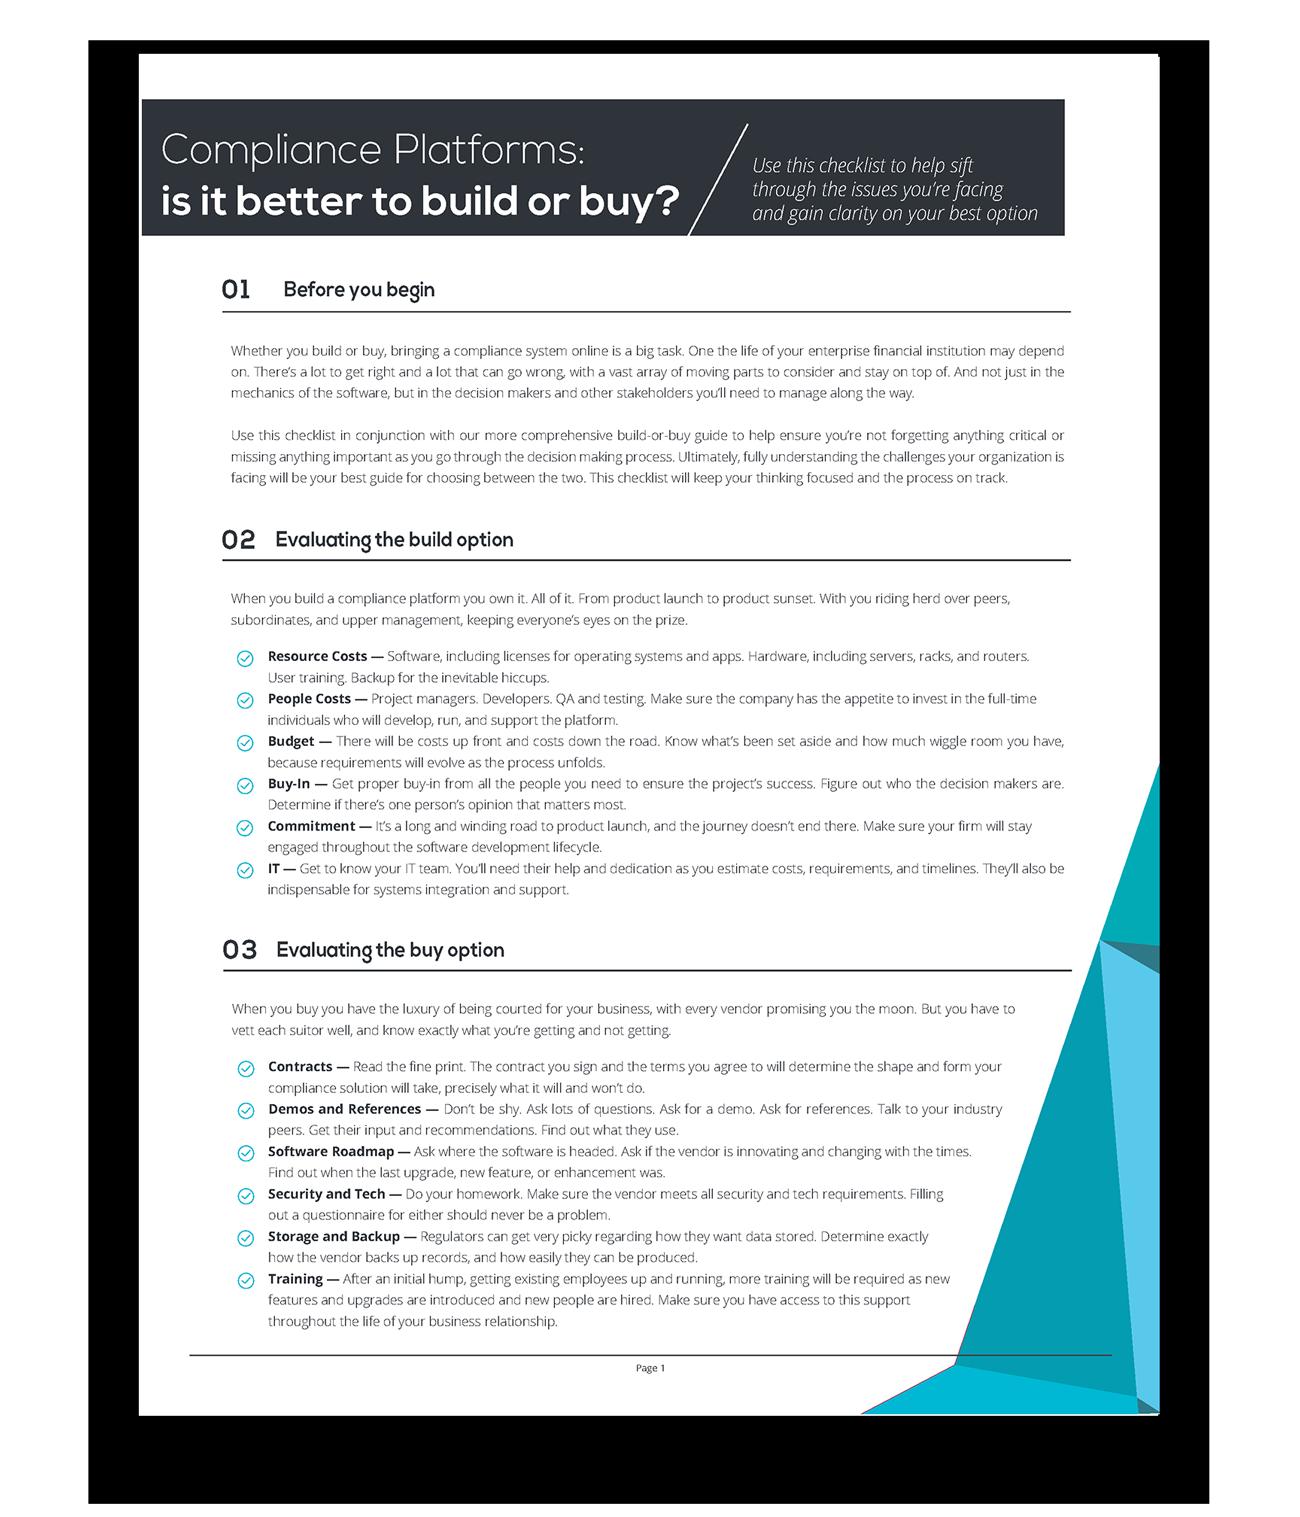 build-buy-checklist-image.png